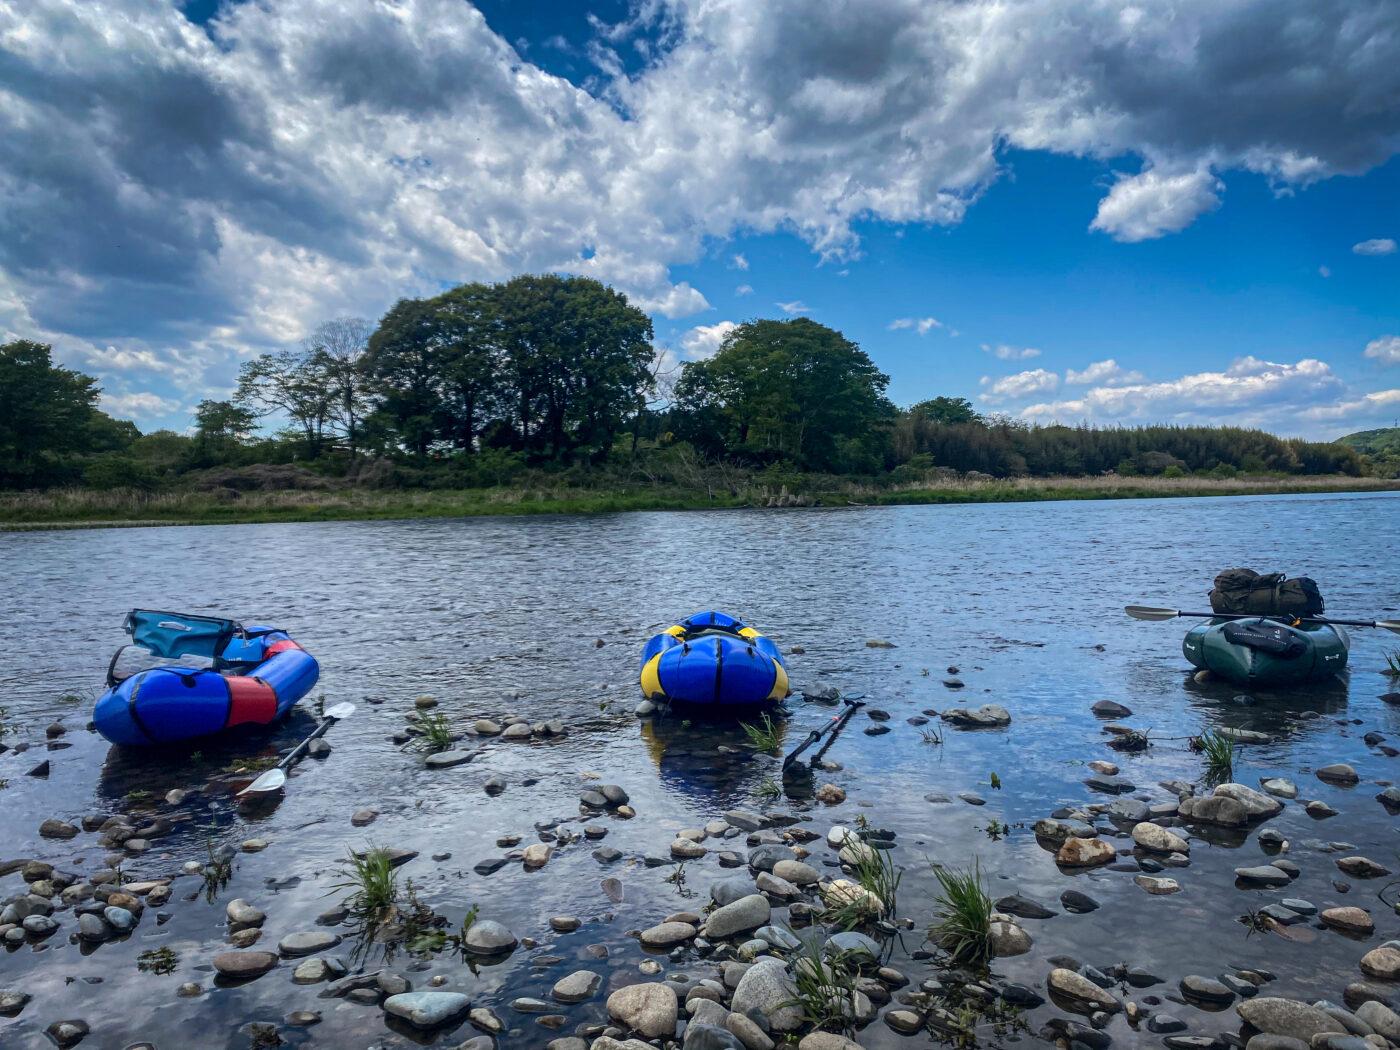 那珂川はパックラフトで下るのは丁度いい川